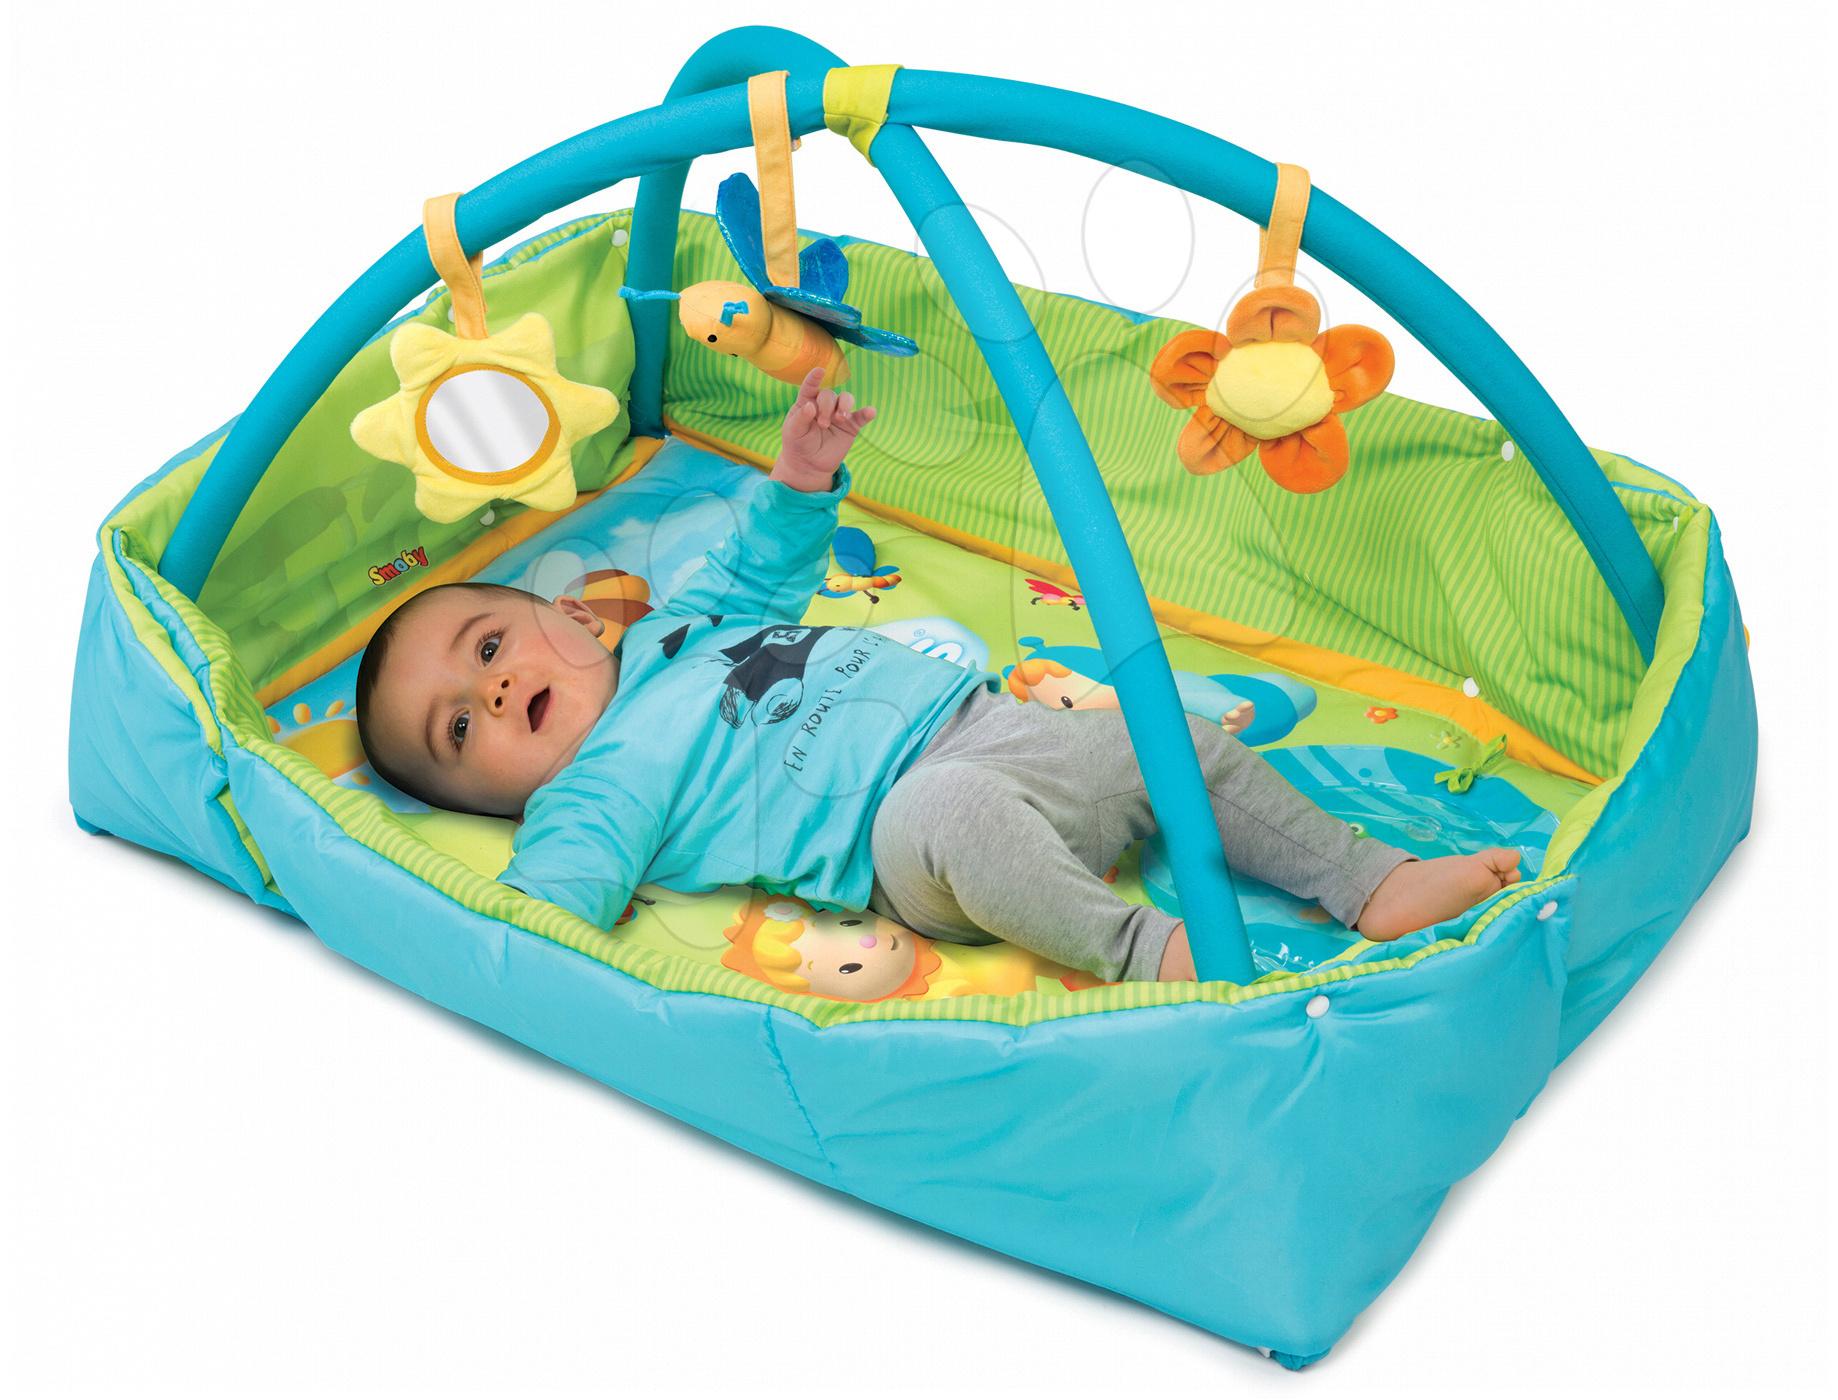 Smoby hracia deka pre deti Cotoons Discovery 110213-1 modrá